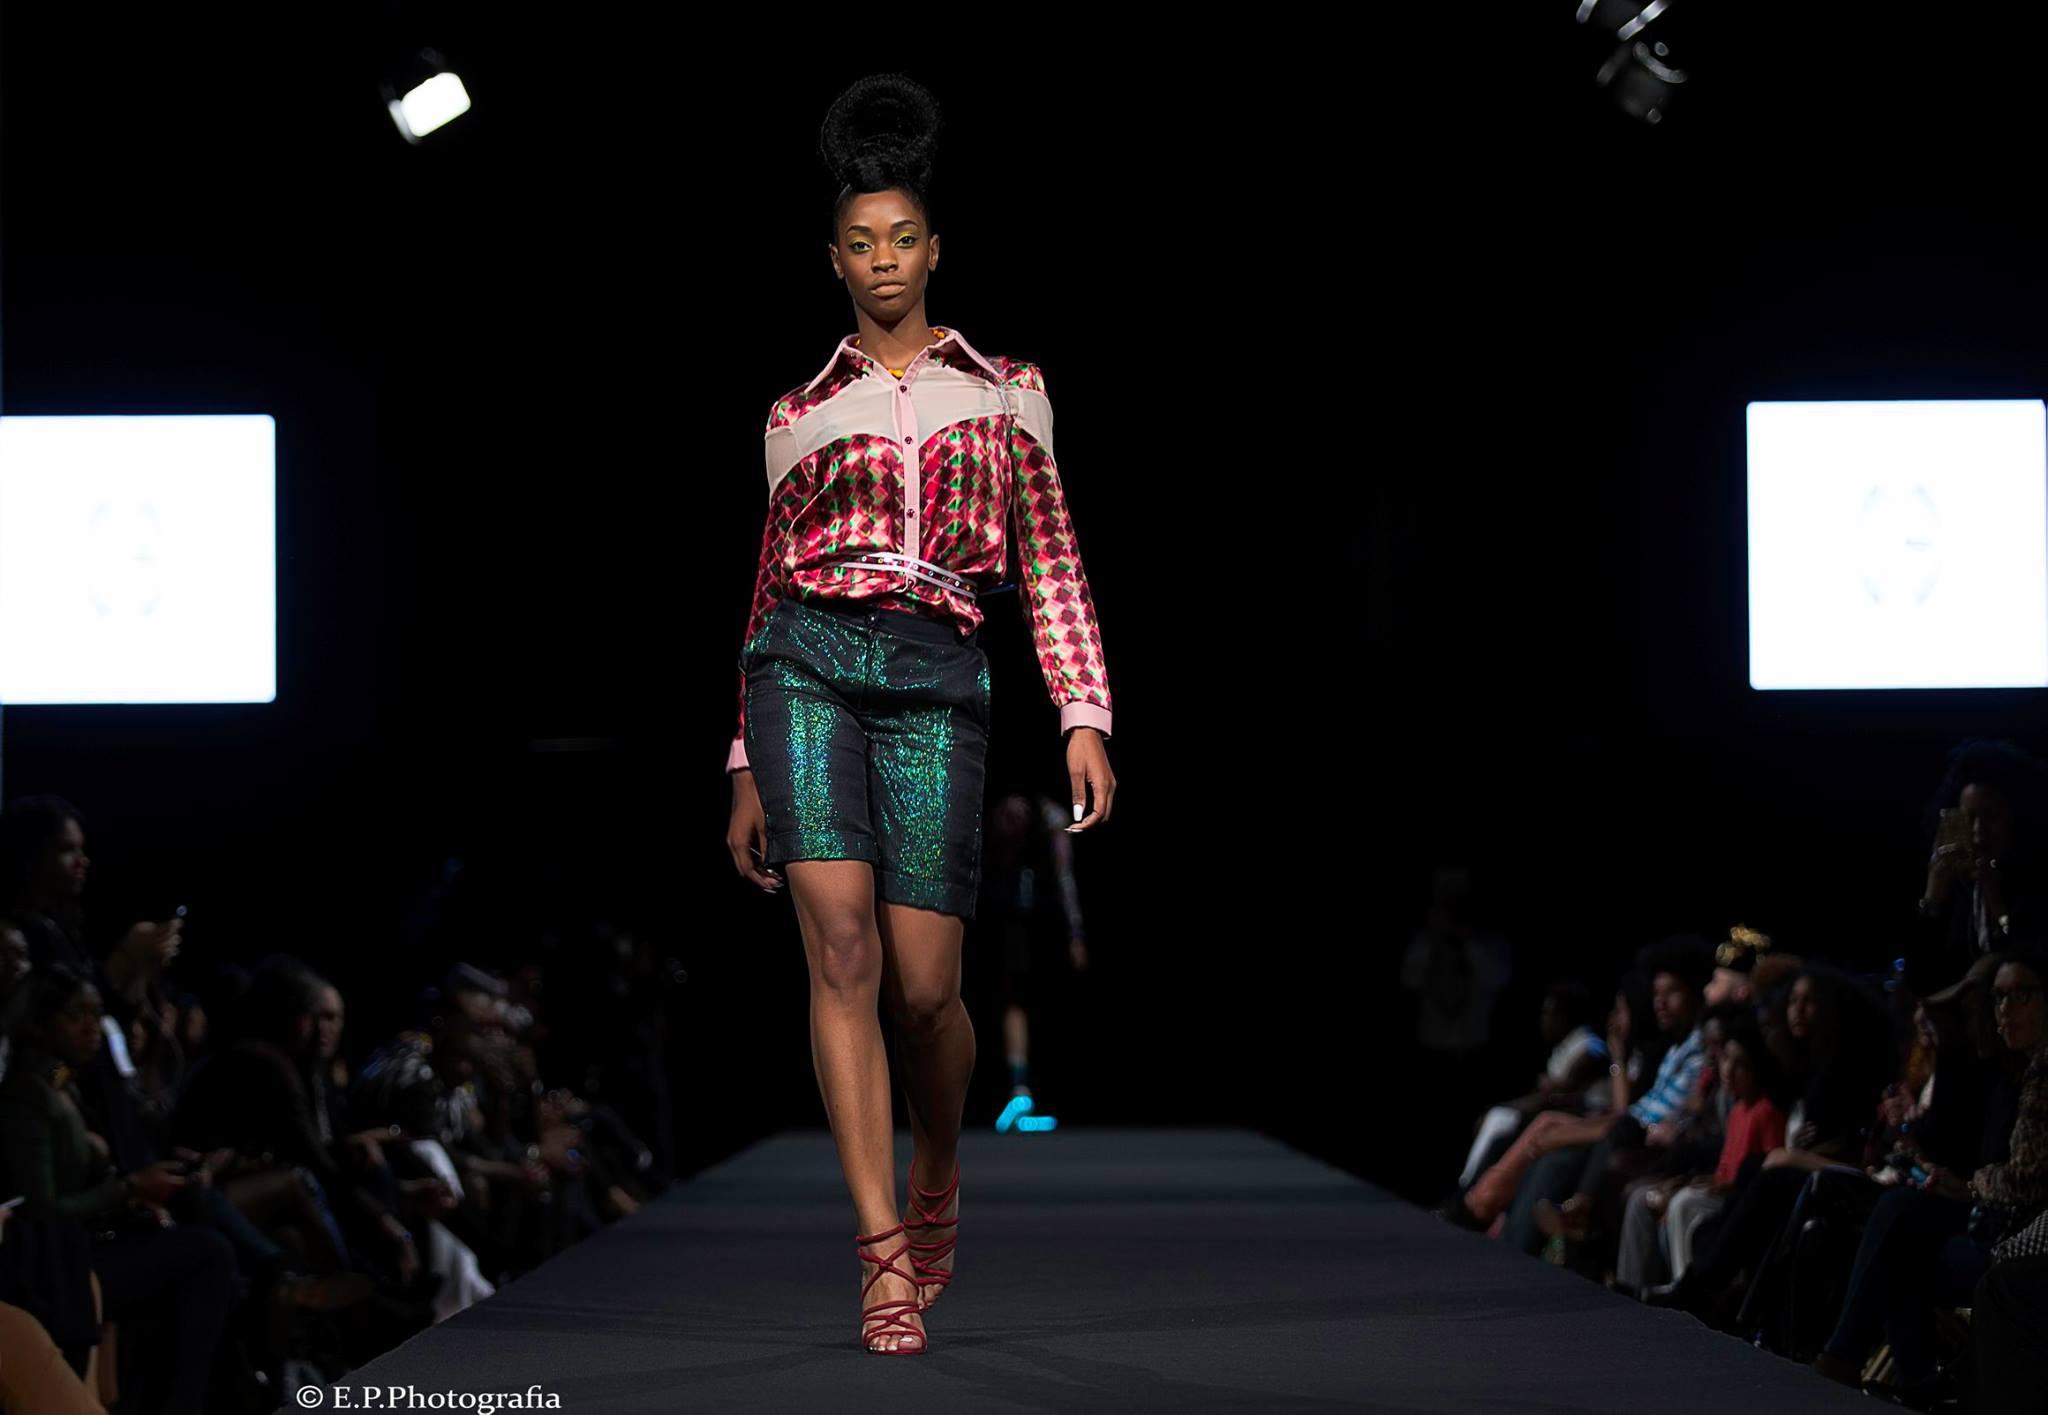 elise müller balck fashion week paris 2